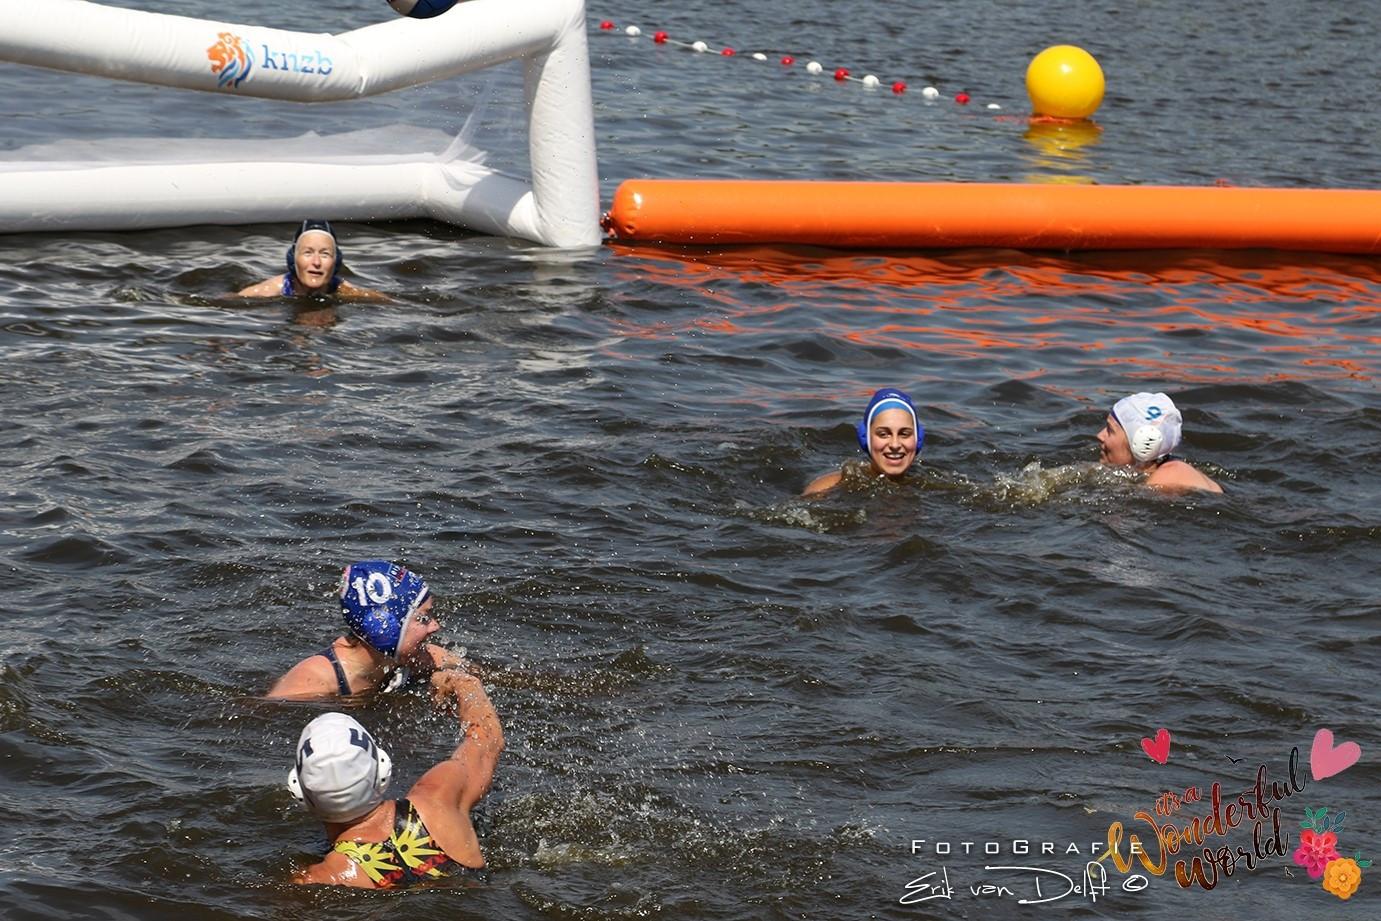 zwemmen_boulevaart.jpg